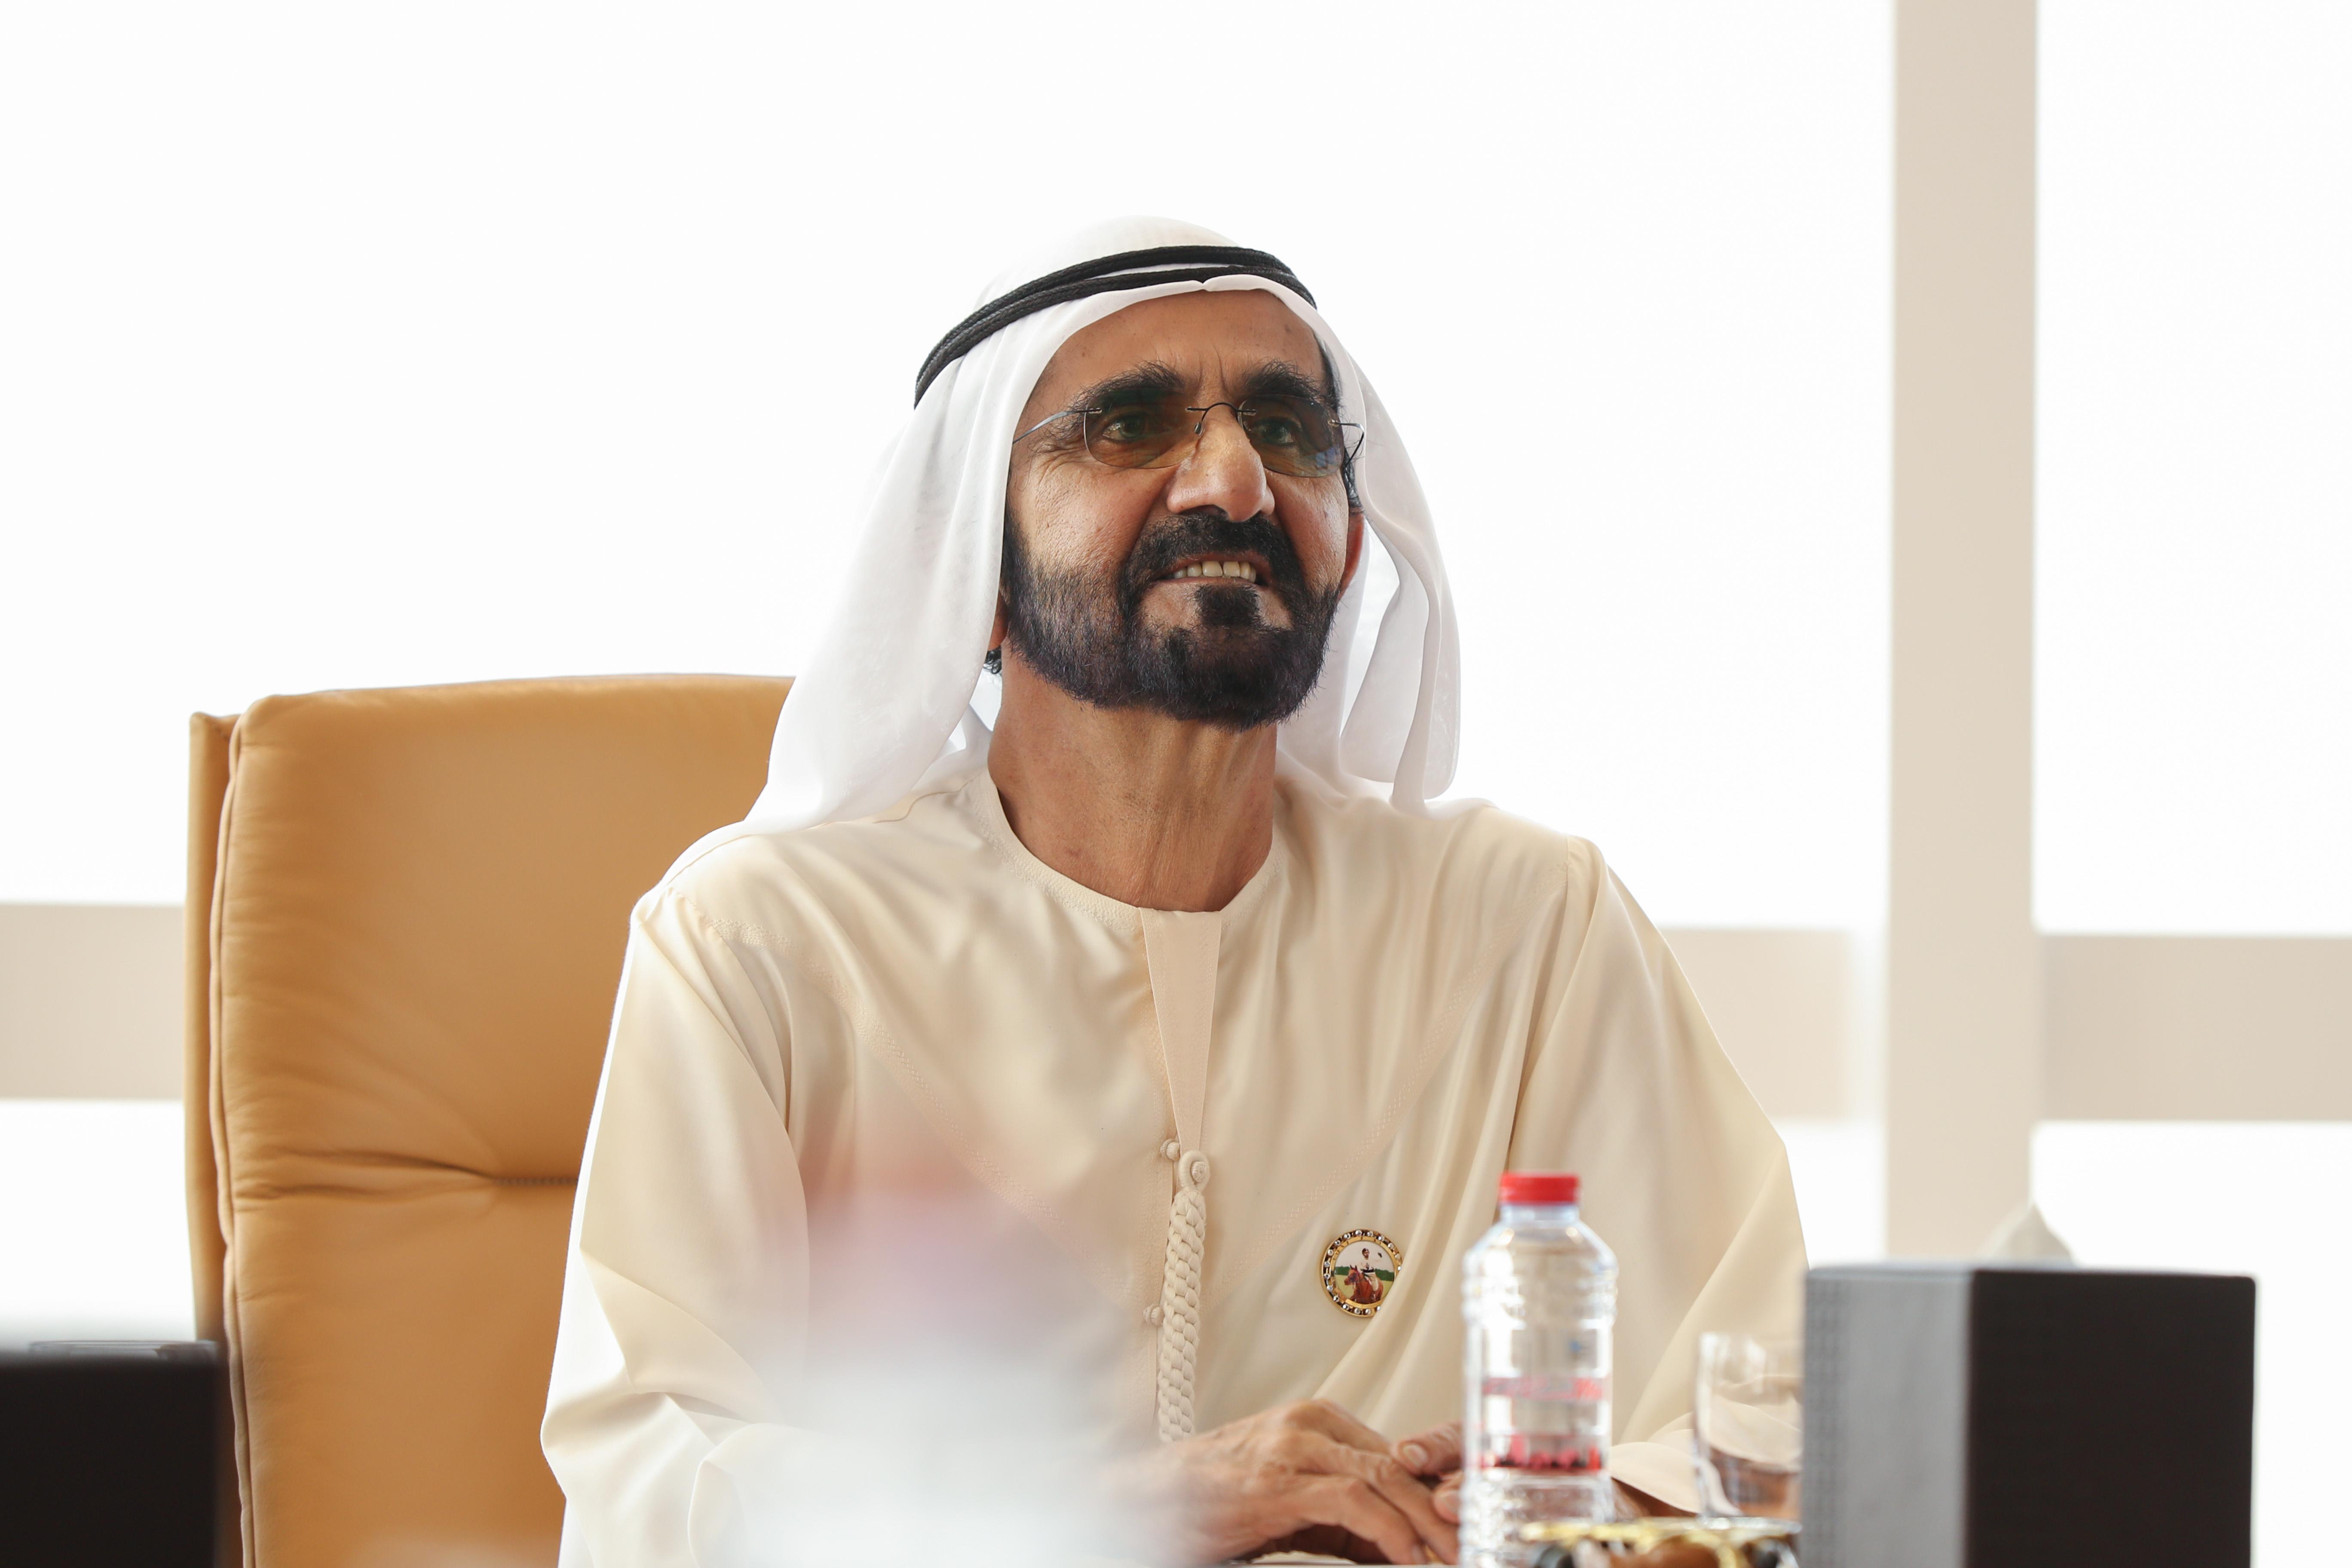 صاحب السمو الشيخ محمد بن راشد آل مكتوم - محمد بن راشد يعتمد ميزانية إسكانية تاريخية في دبي بقيمة 65 مليار درهم للعشرين عامًا القادمة